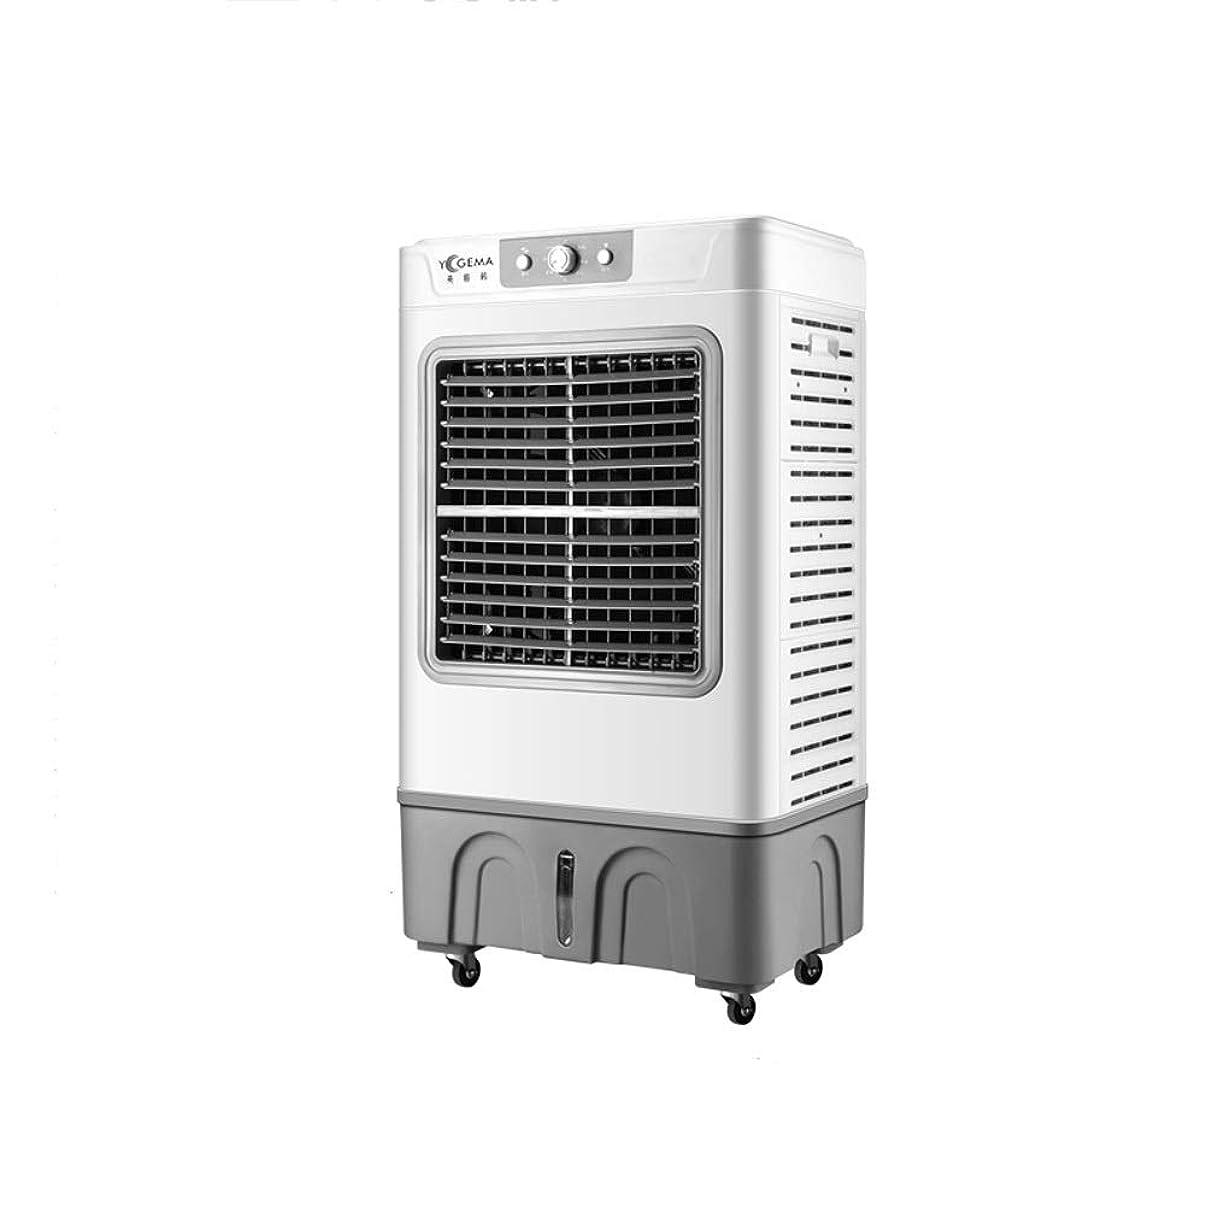 狂信者口述する穀物スリム扇風機 冷風スリム扇風機 エアコンファン エアクーラーフ エアコンモバイルエアコン加湿器厚アイスカーテンクールダウンユニバーサルキャスター家庭用に適した